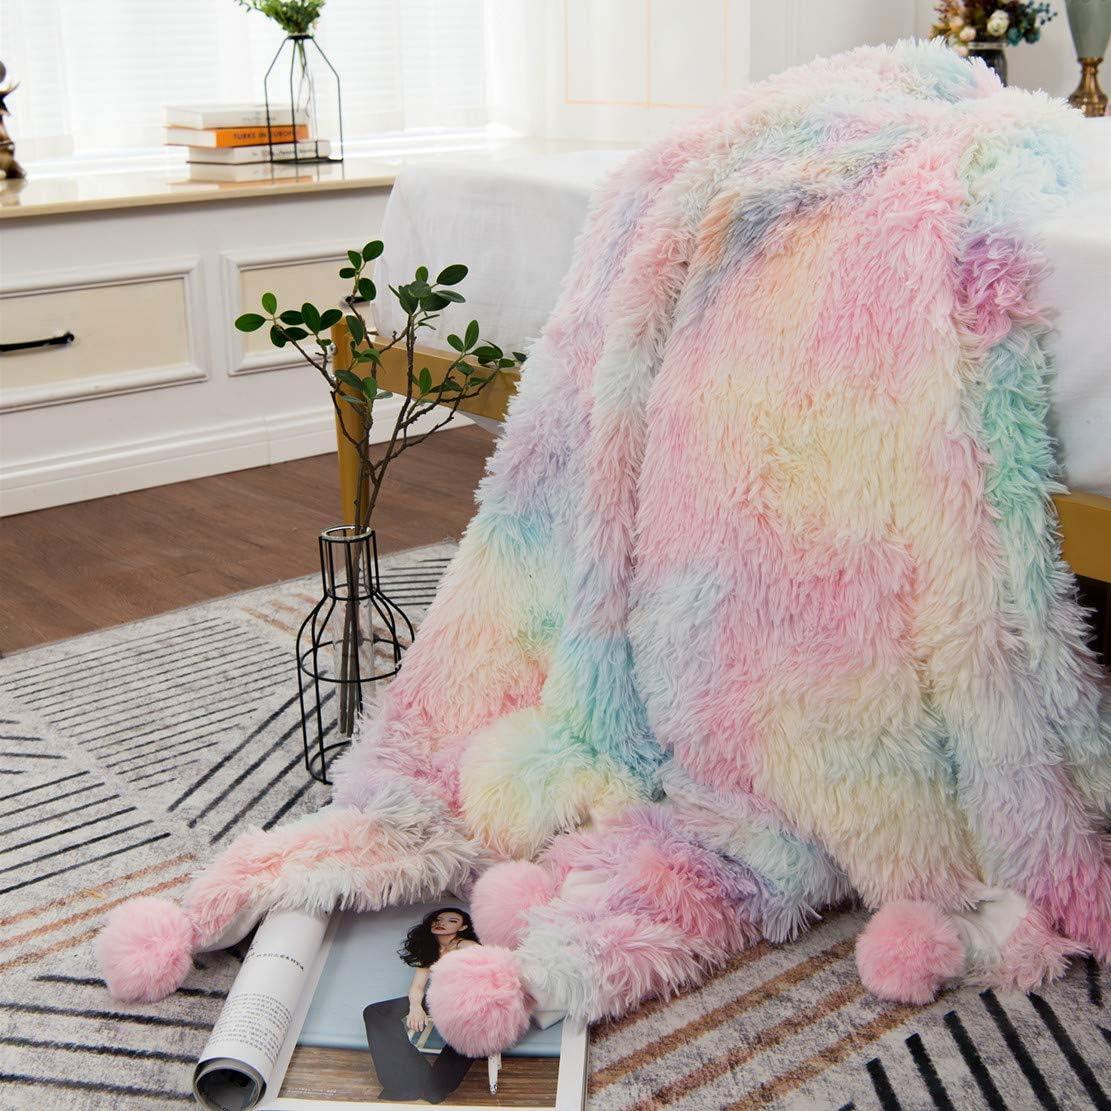 MYRU Plush 5 ☆ popular Super Soft San Diego Mall Blanket Bedding Sofa Furry Fax Cover Fuzzy